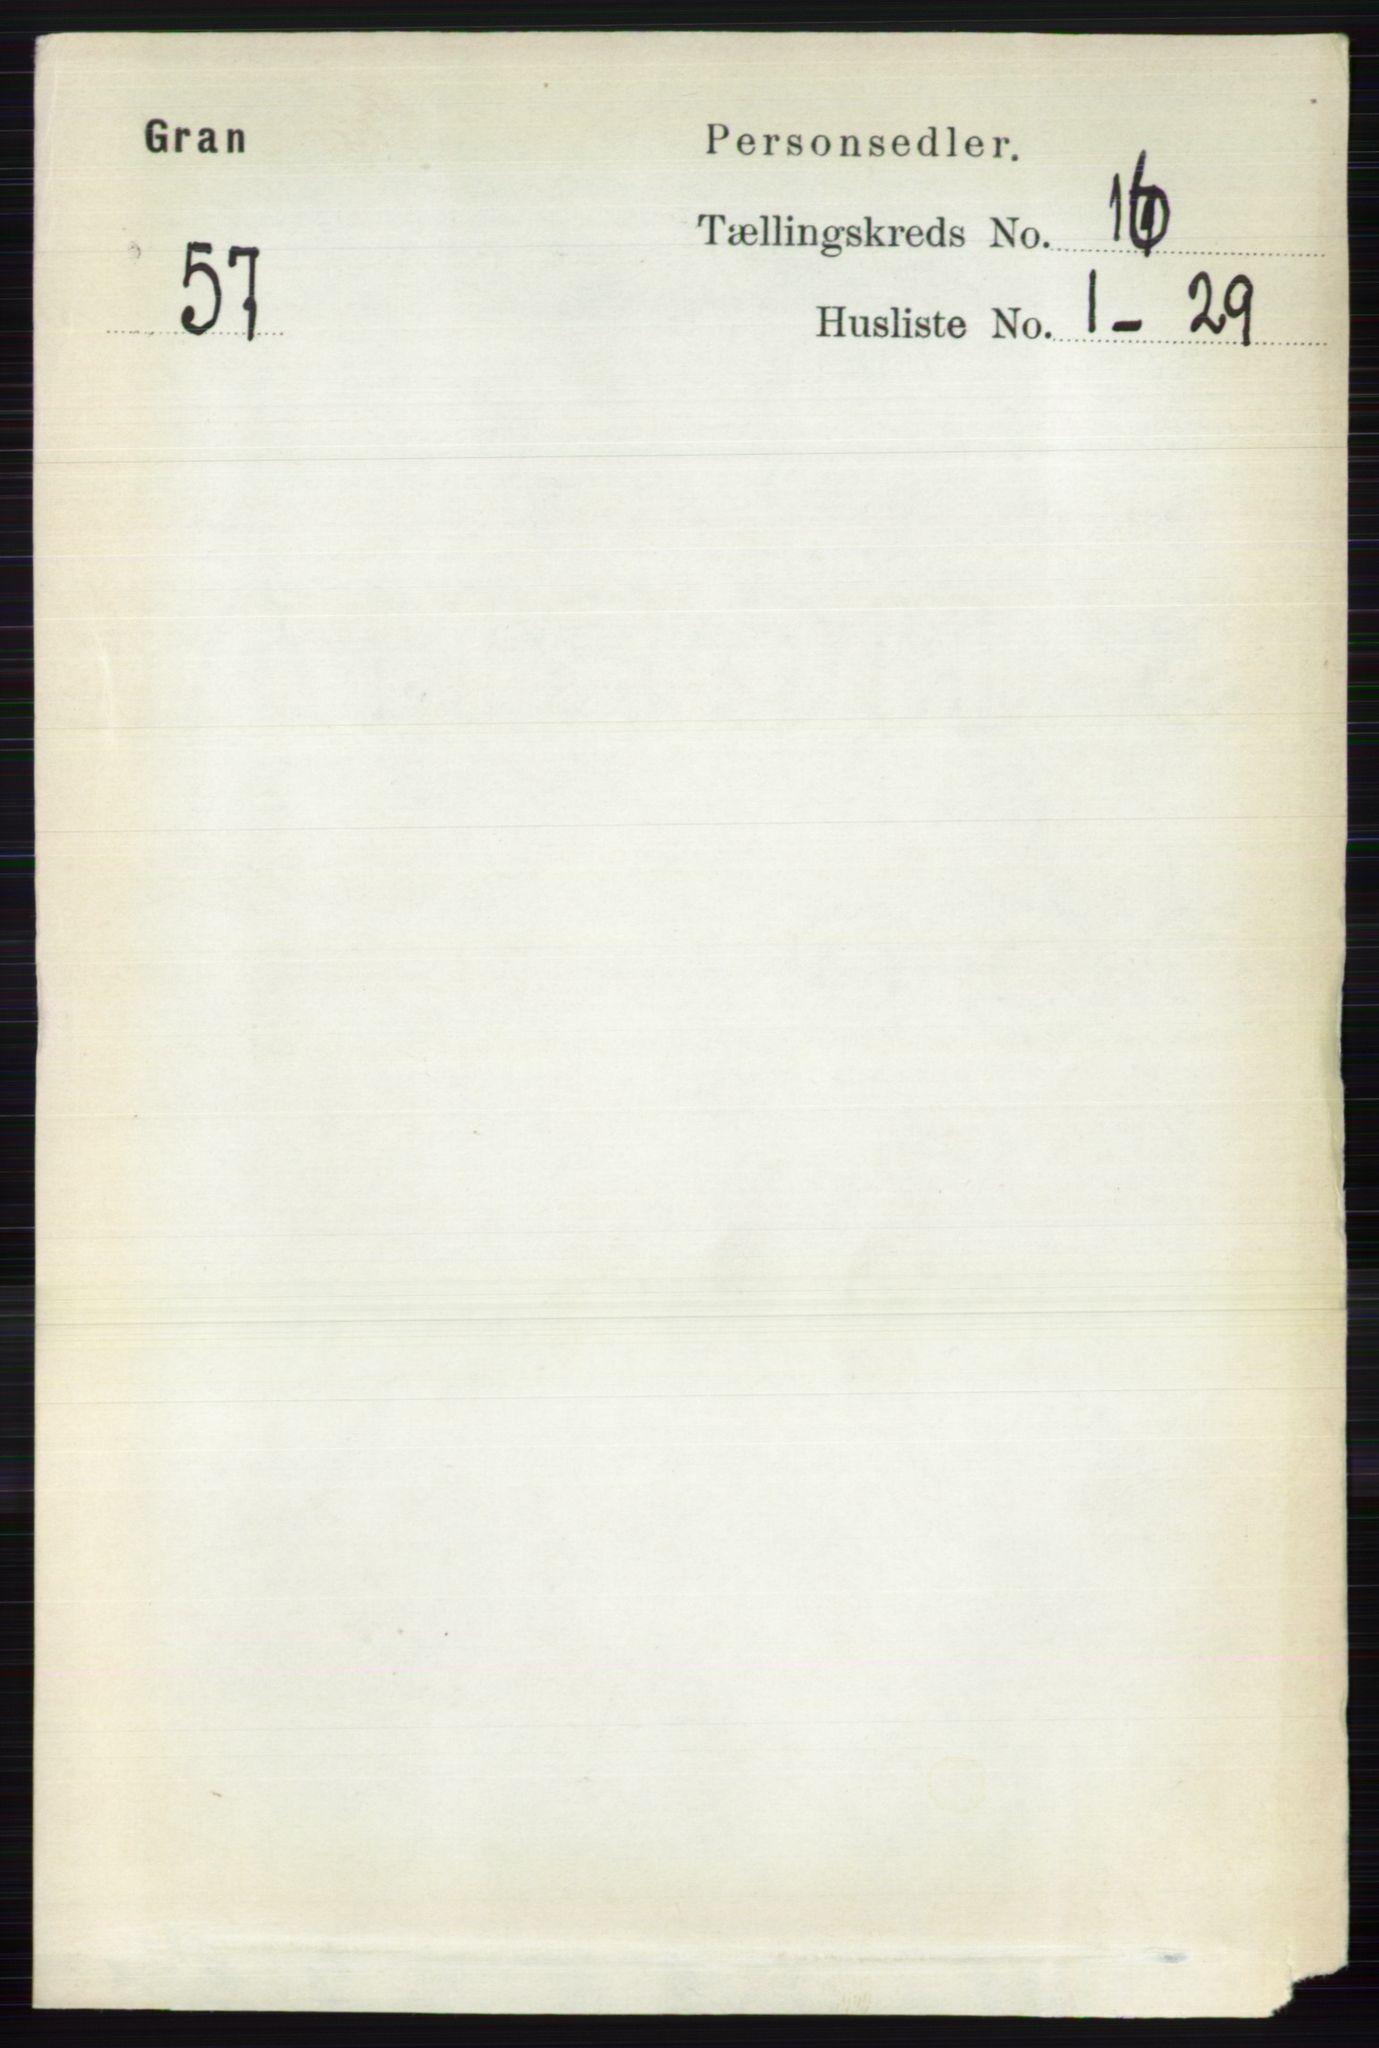 RA, Folketelling 1891 for 0534 Gran herred, 1891, s. 8103